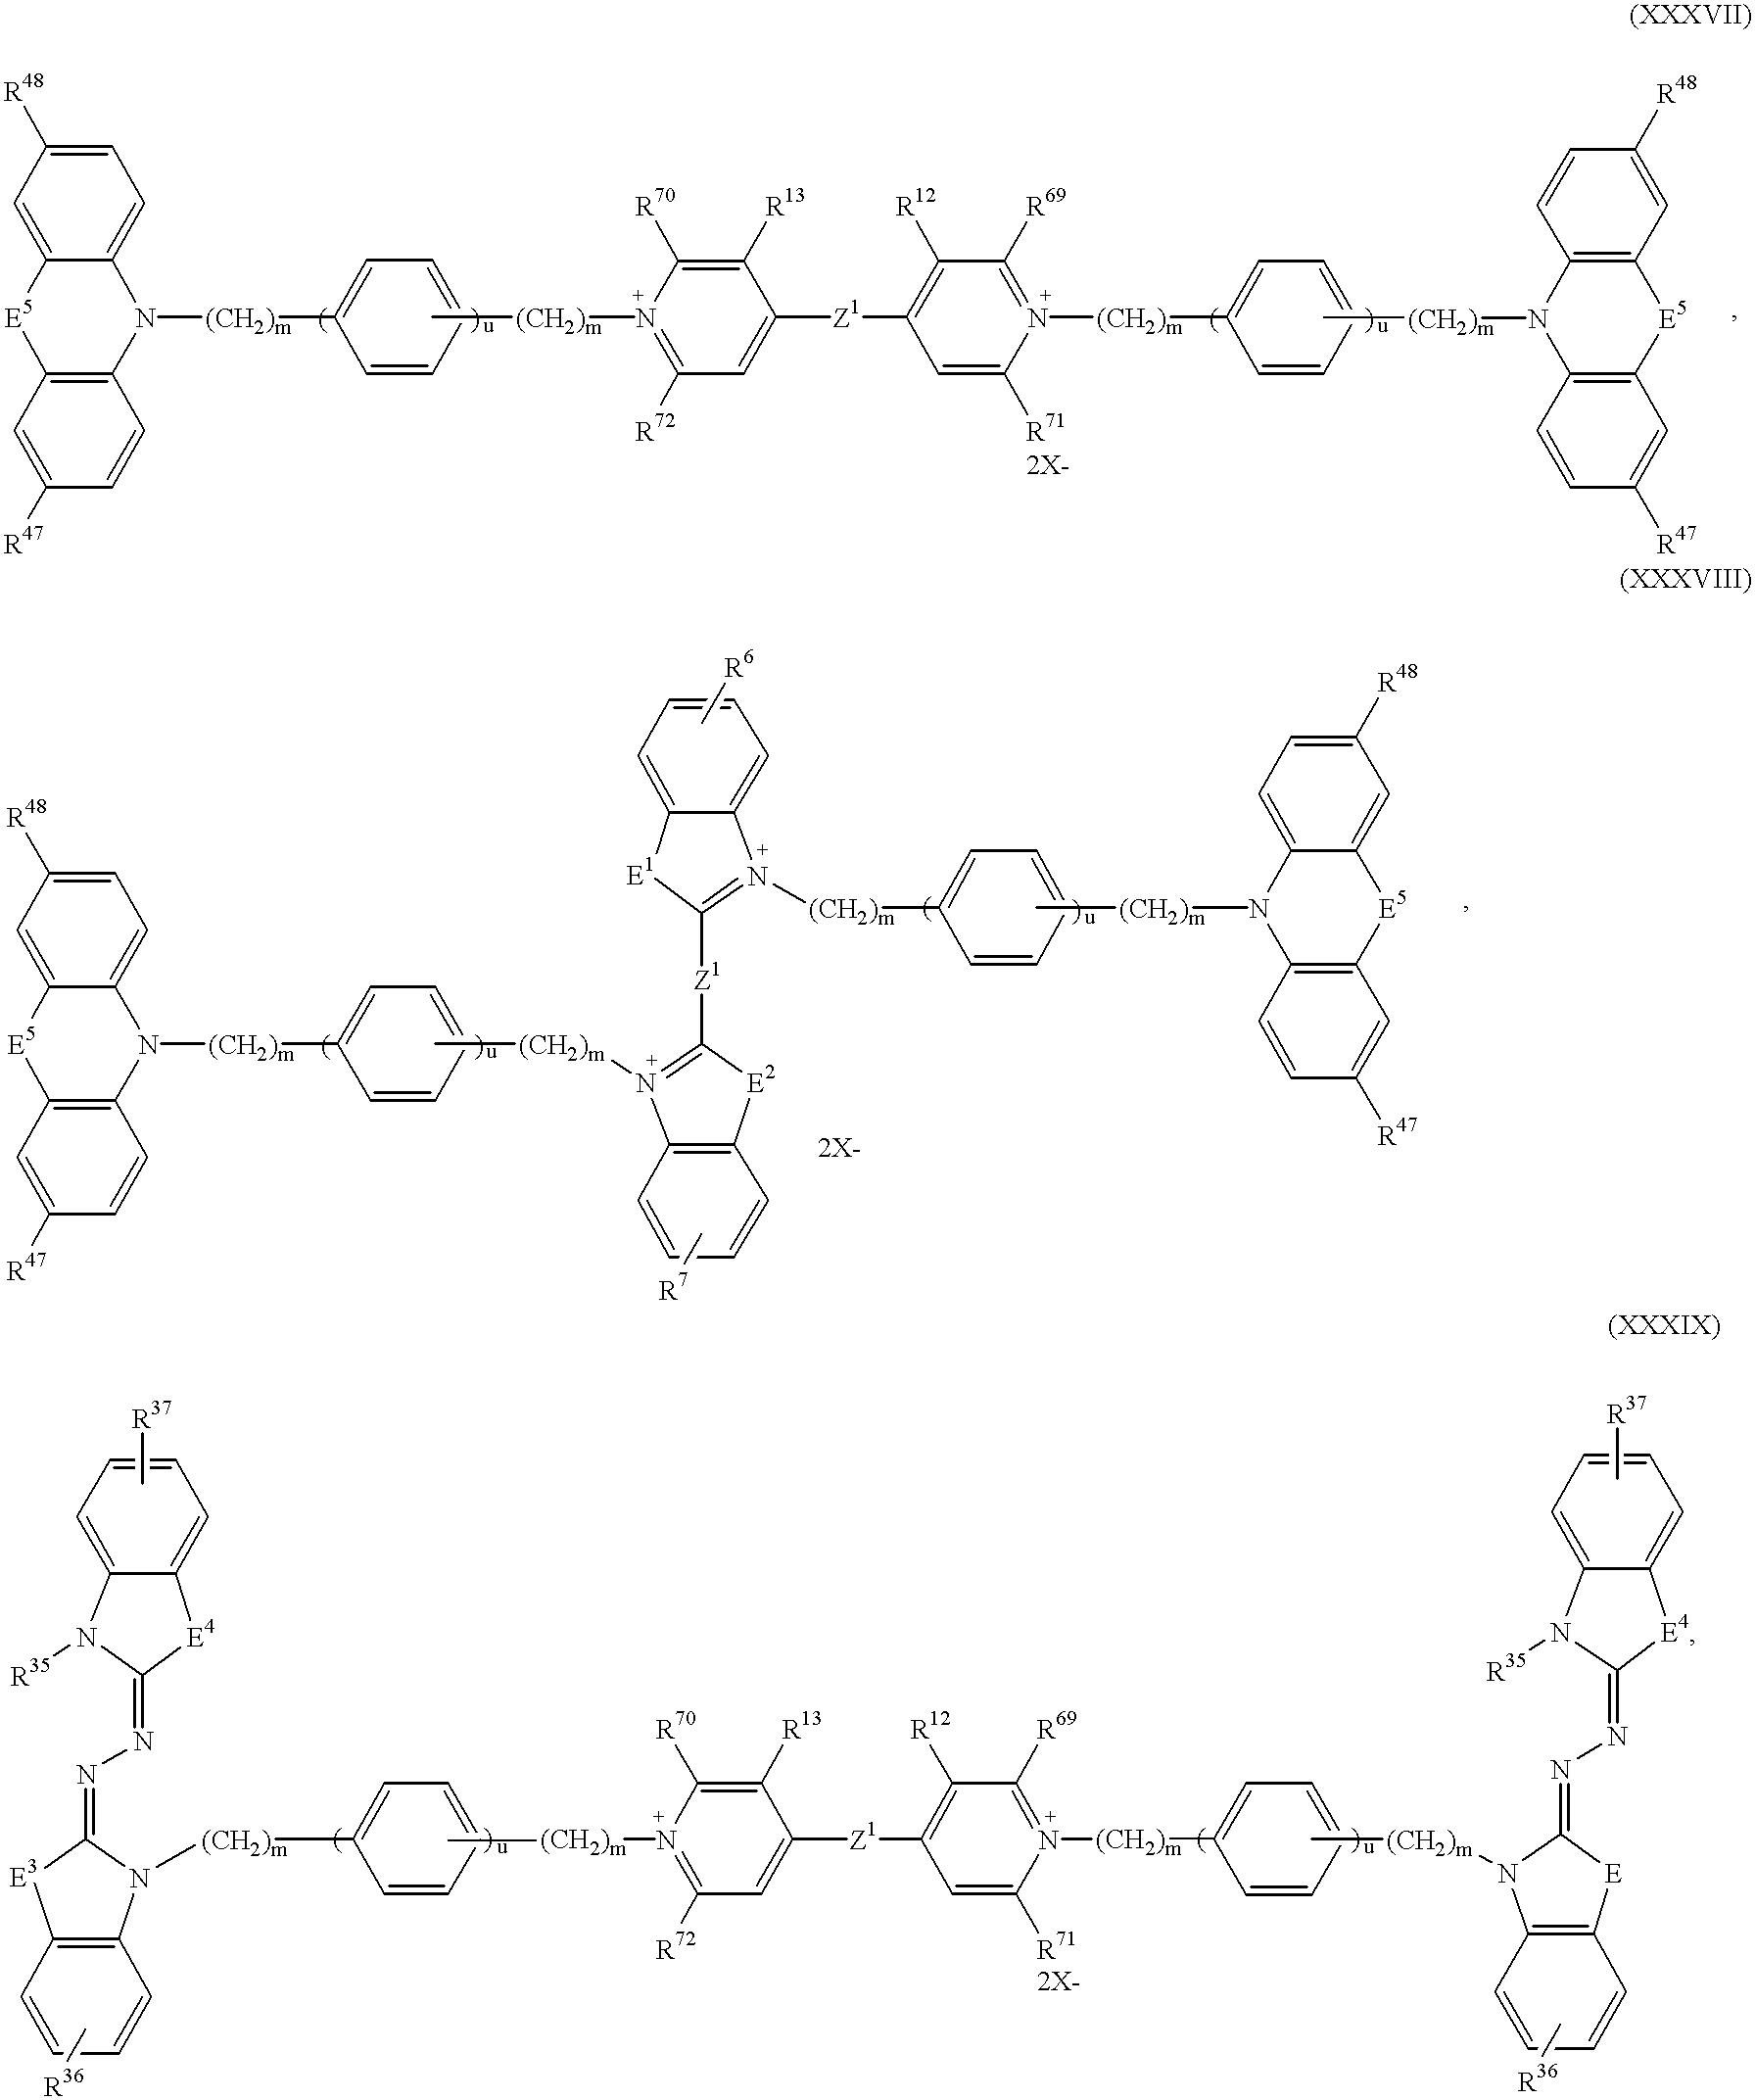 Figure US06183878-20010206-C00060